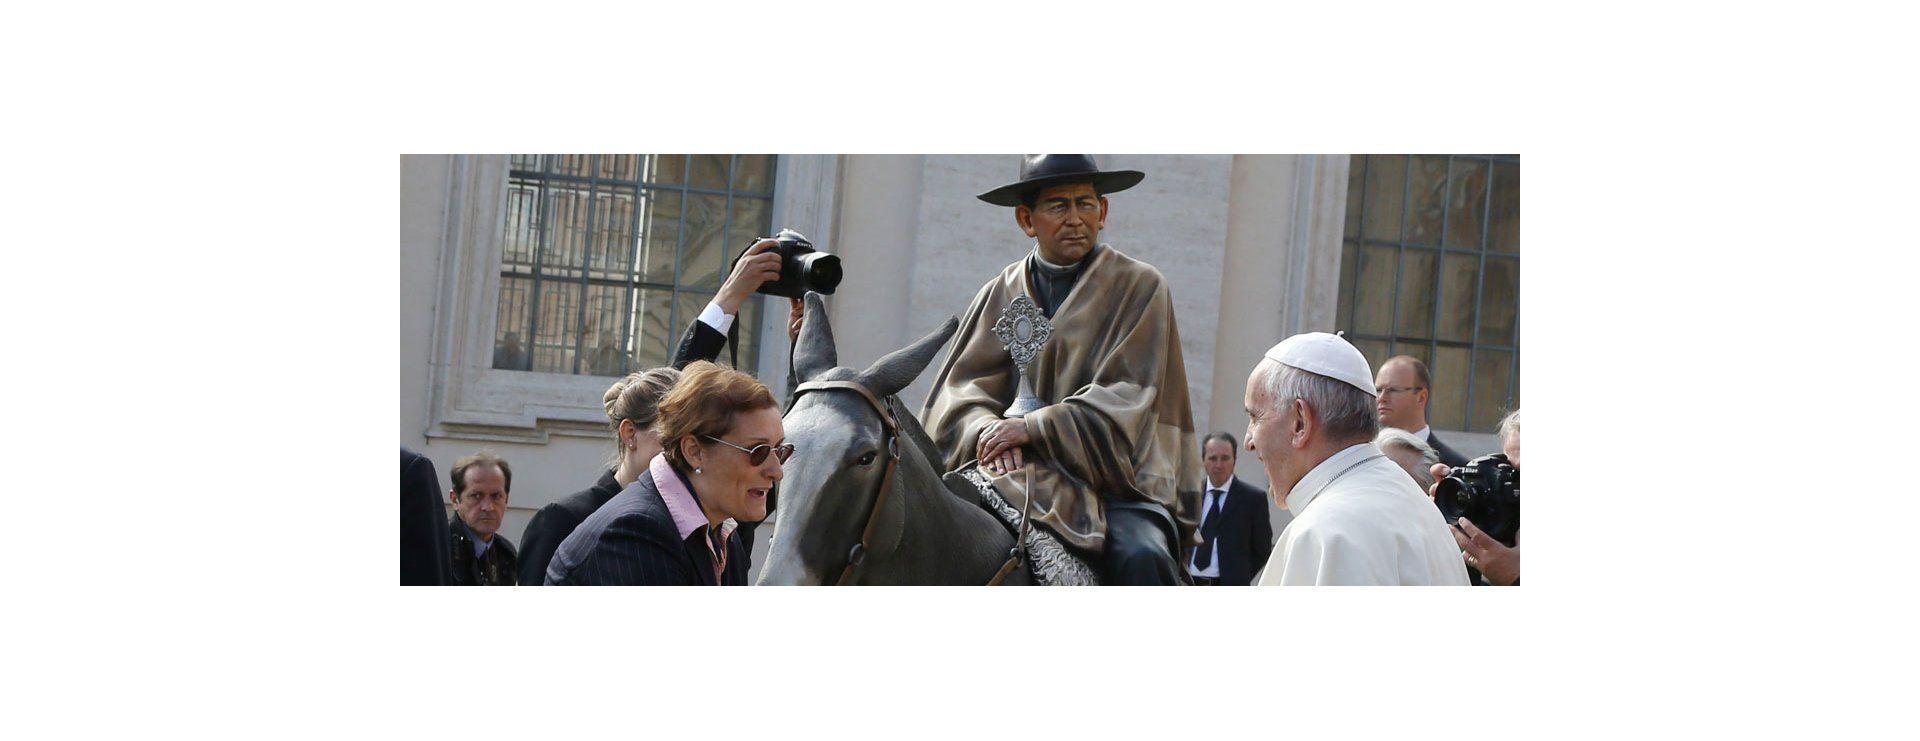 El papa Francisco recibió a un grupo de peregrinos argentinos luego de la audiencia general en la plaza de San Pedro